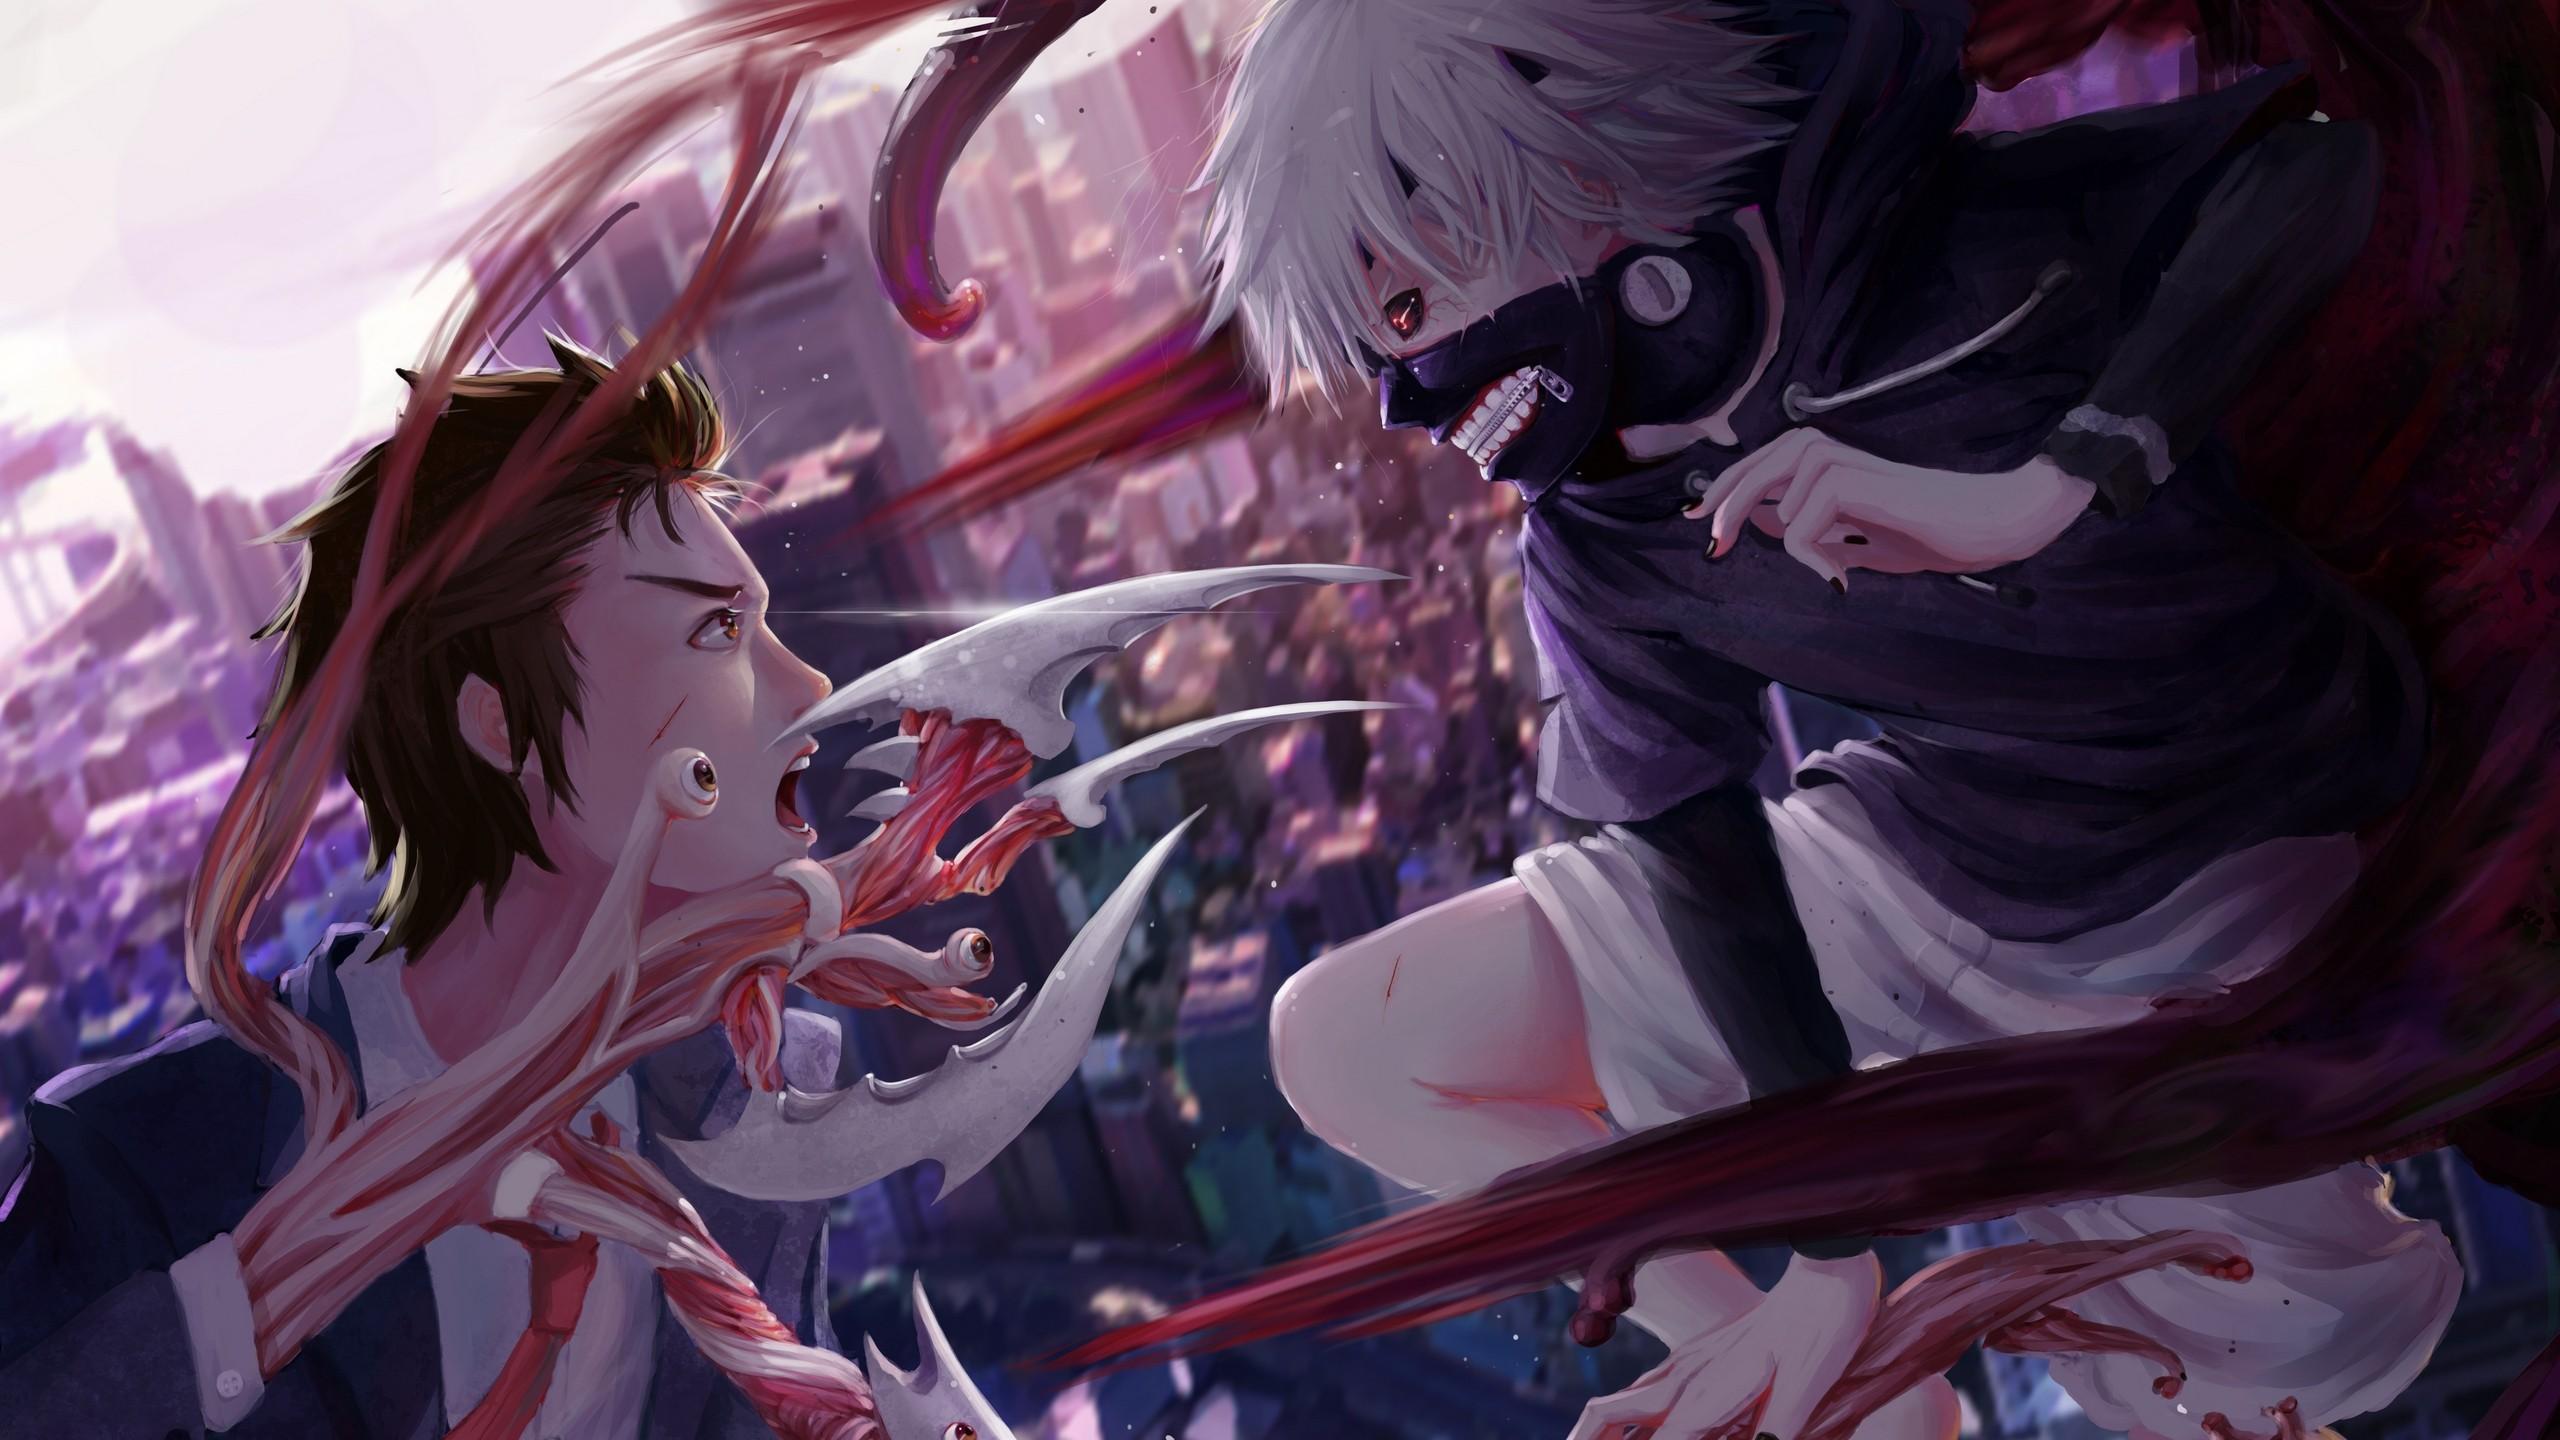 Download 2560x1440 Tokyo Ghoul Kaneki Ken Izumi Shinichi Anime Wallpapers